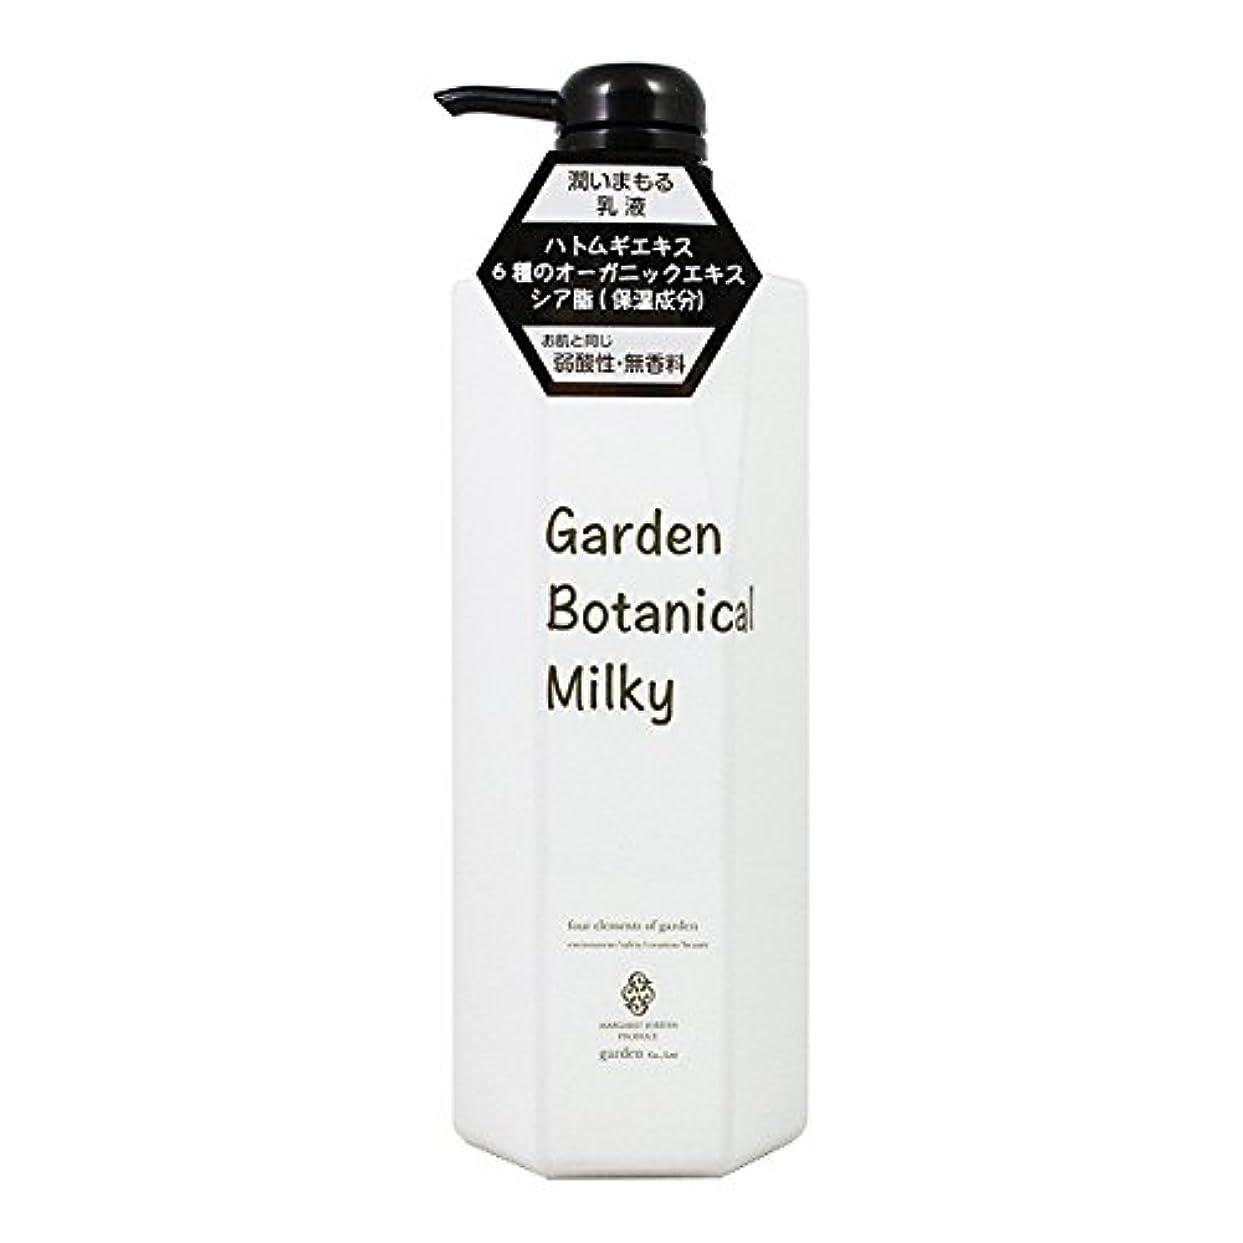 ジュース乗り出す降雨ガーデン ガーデン ボタニカルミルキー 600ml